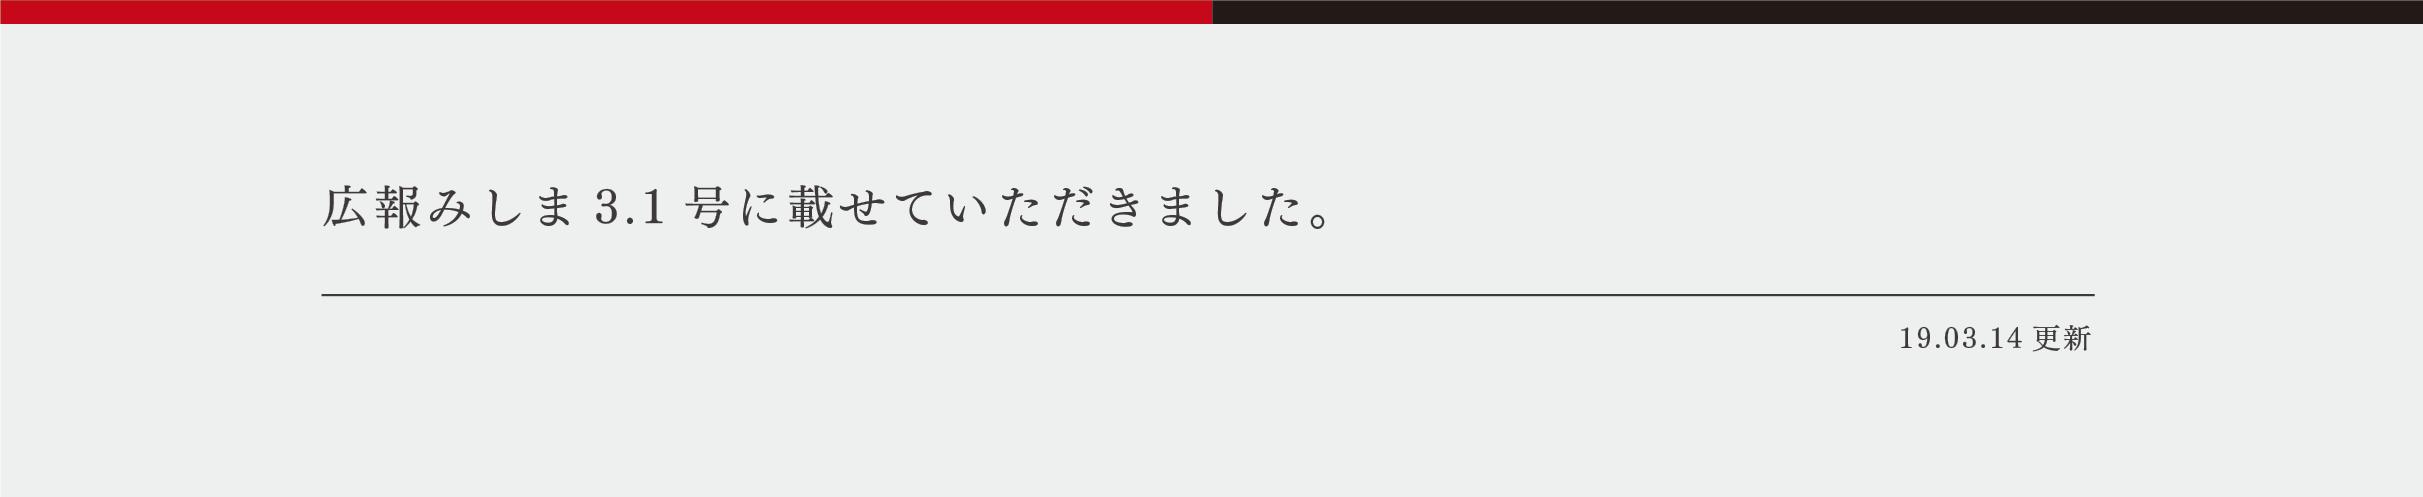 スクリーンショット 2019-03-14 12.18.16.png